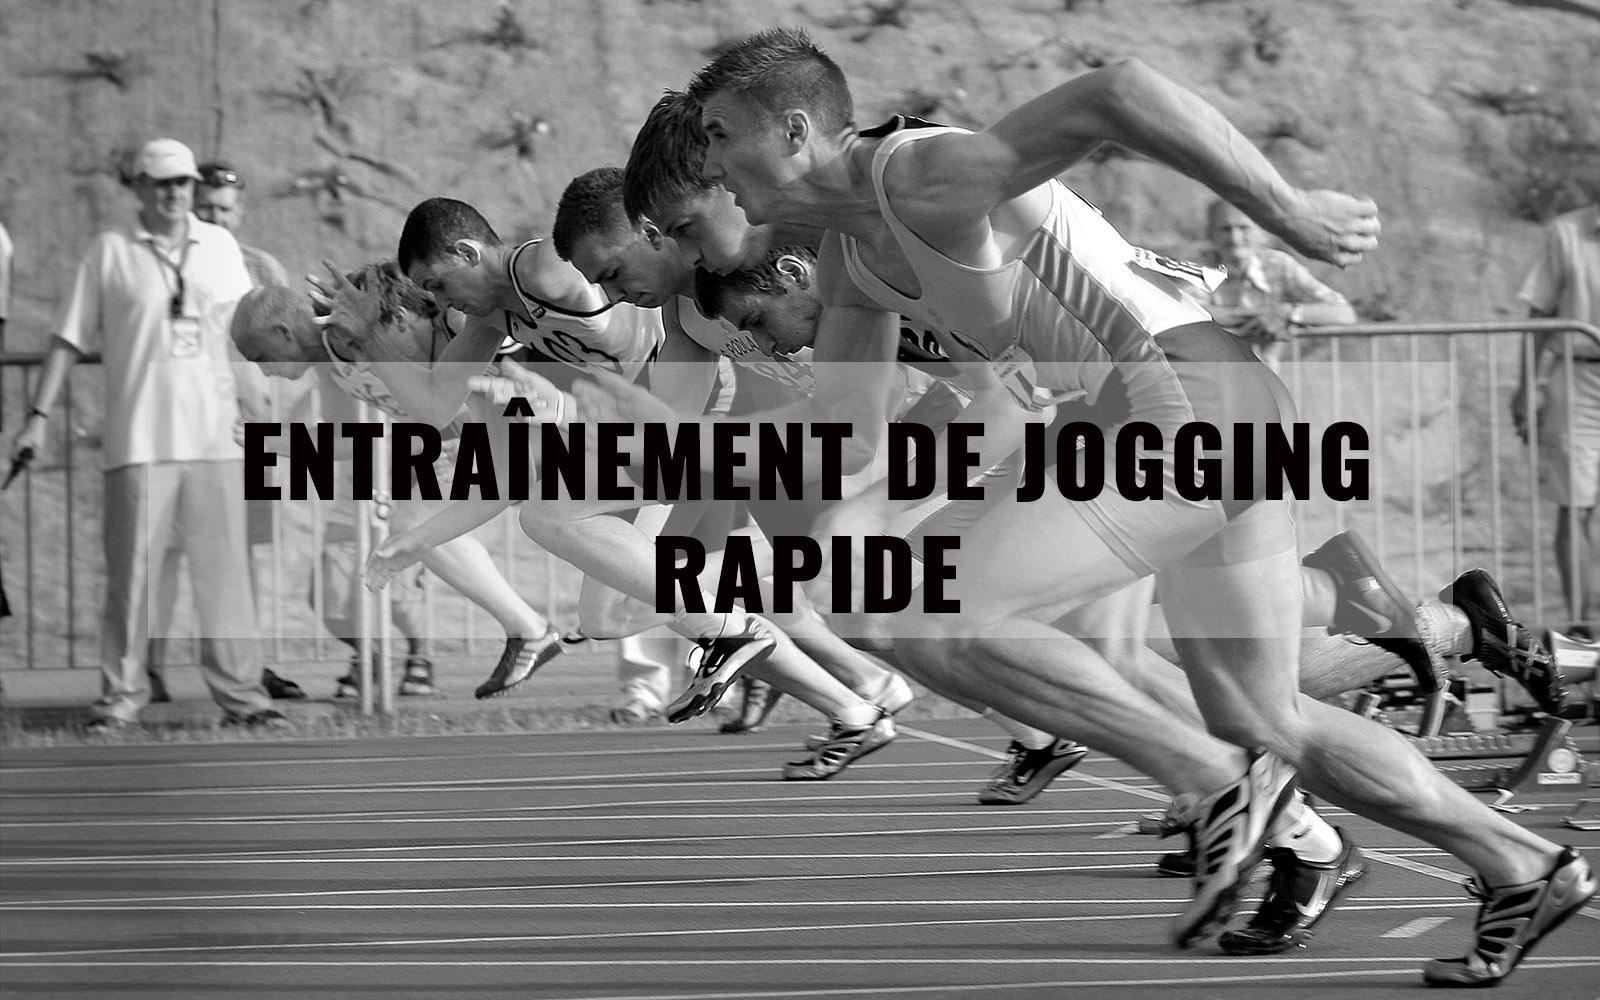 Entraînement de jogging rapide